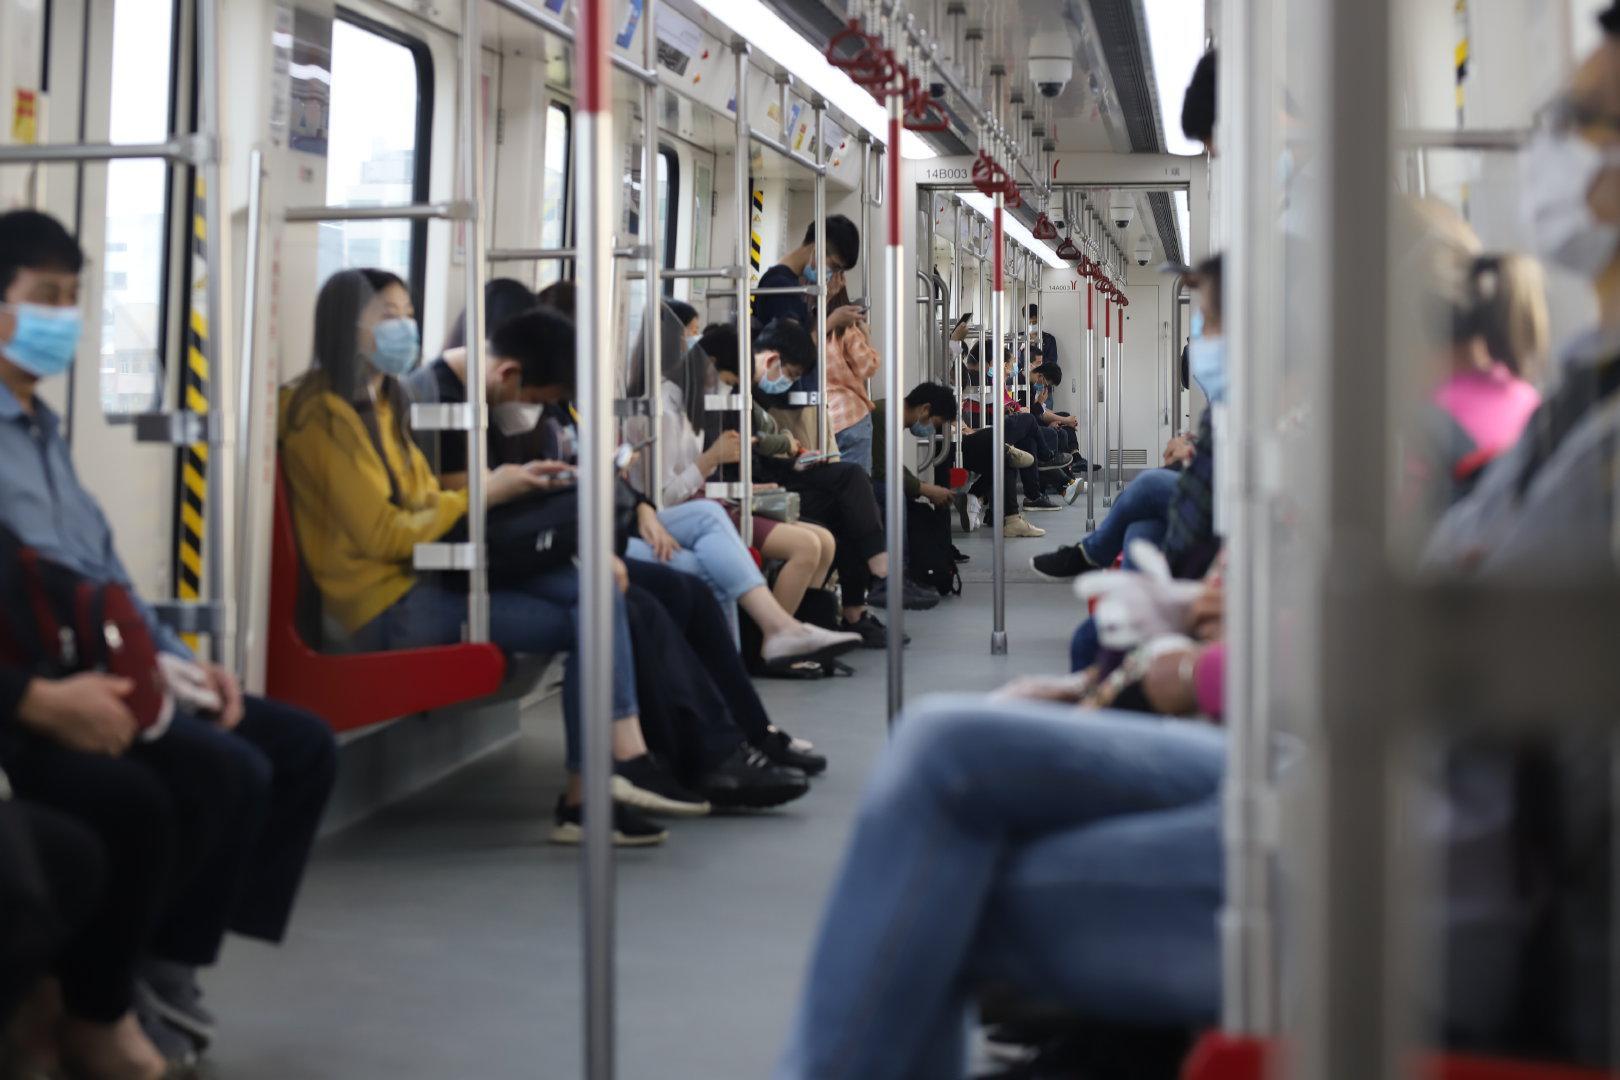 清明假期即将到来,据广州市新冠肺炎防控指挥部前期发布